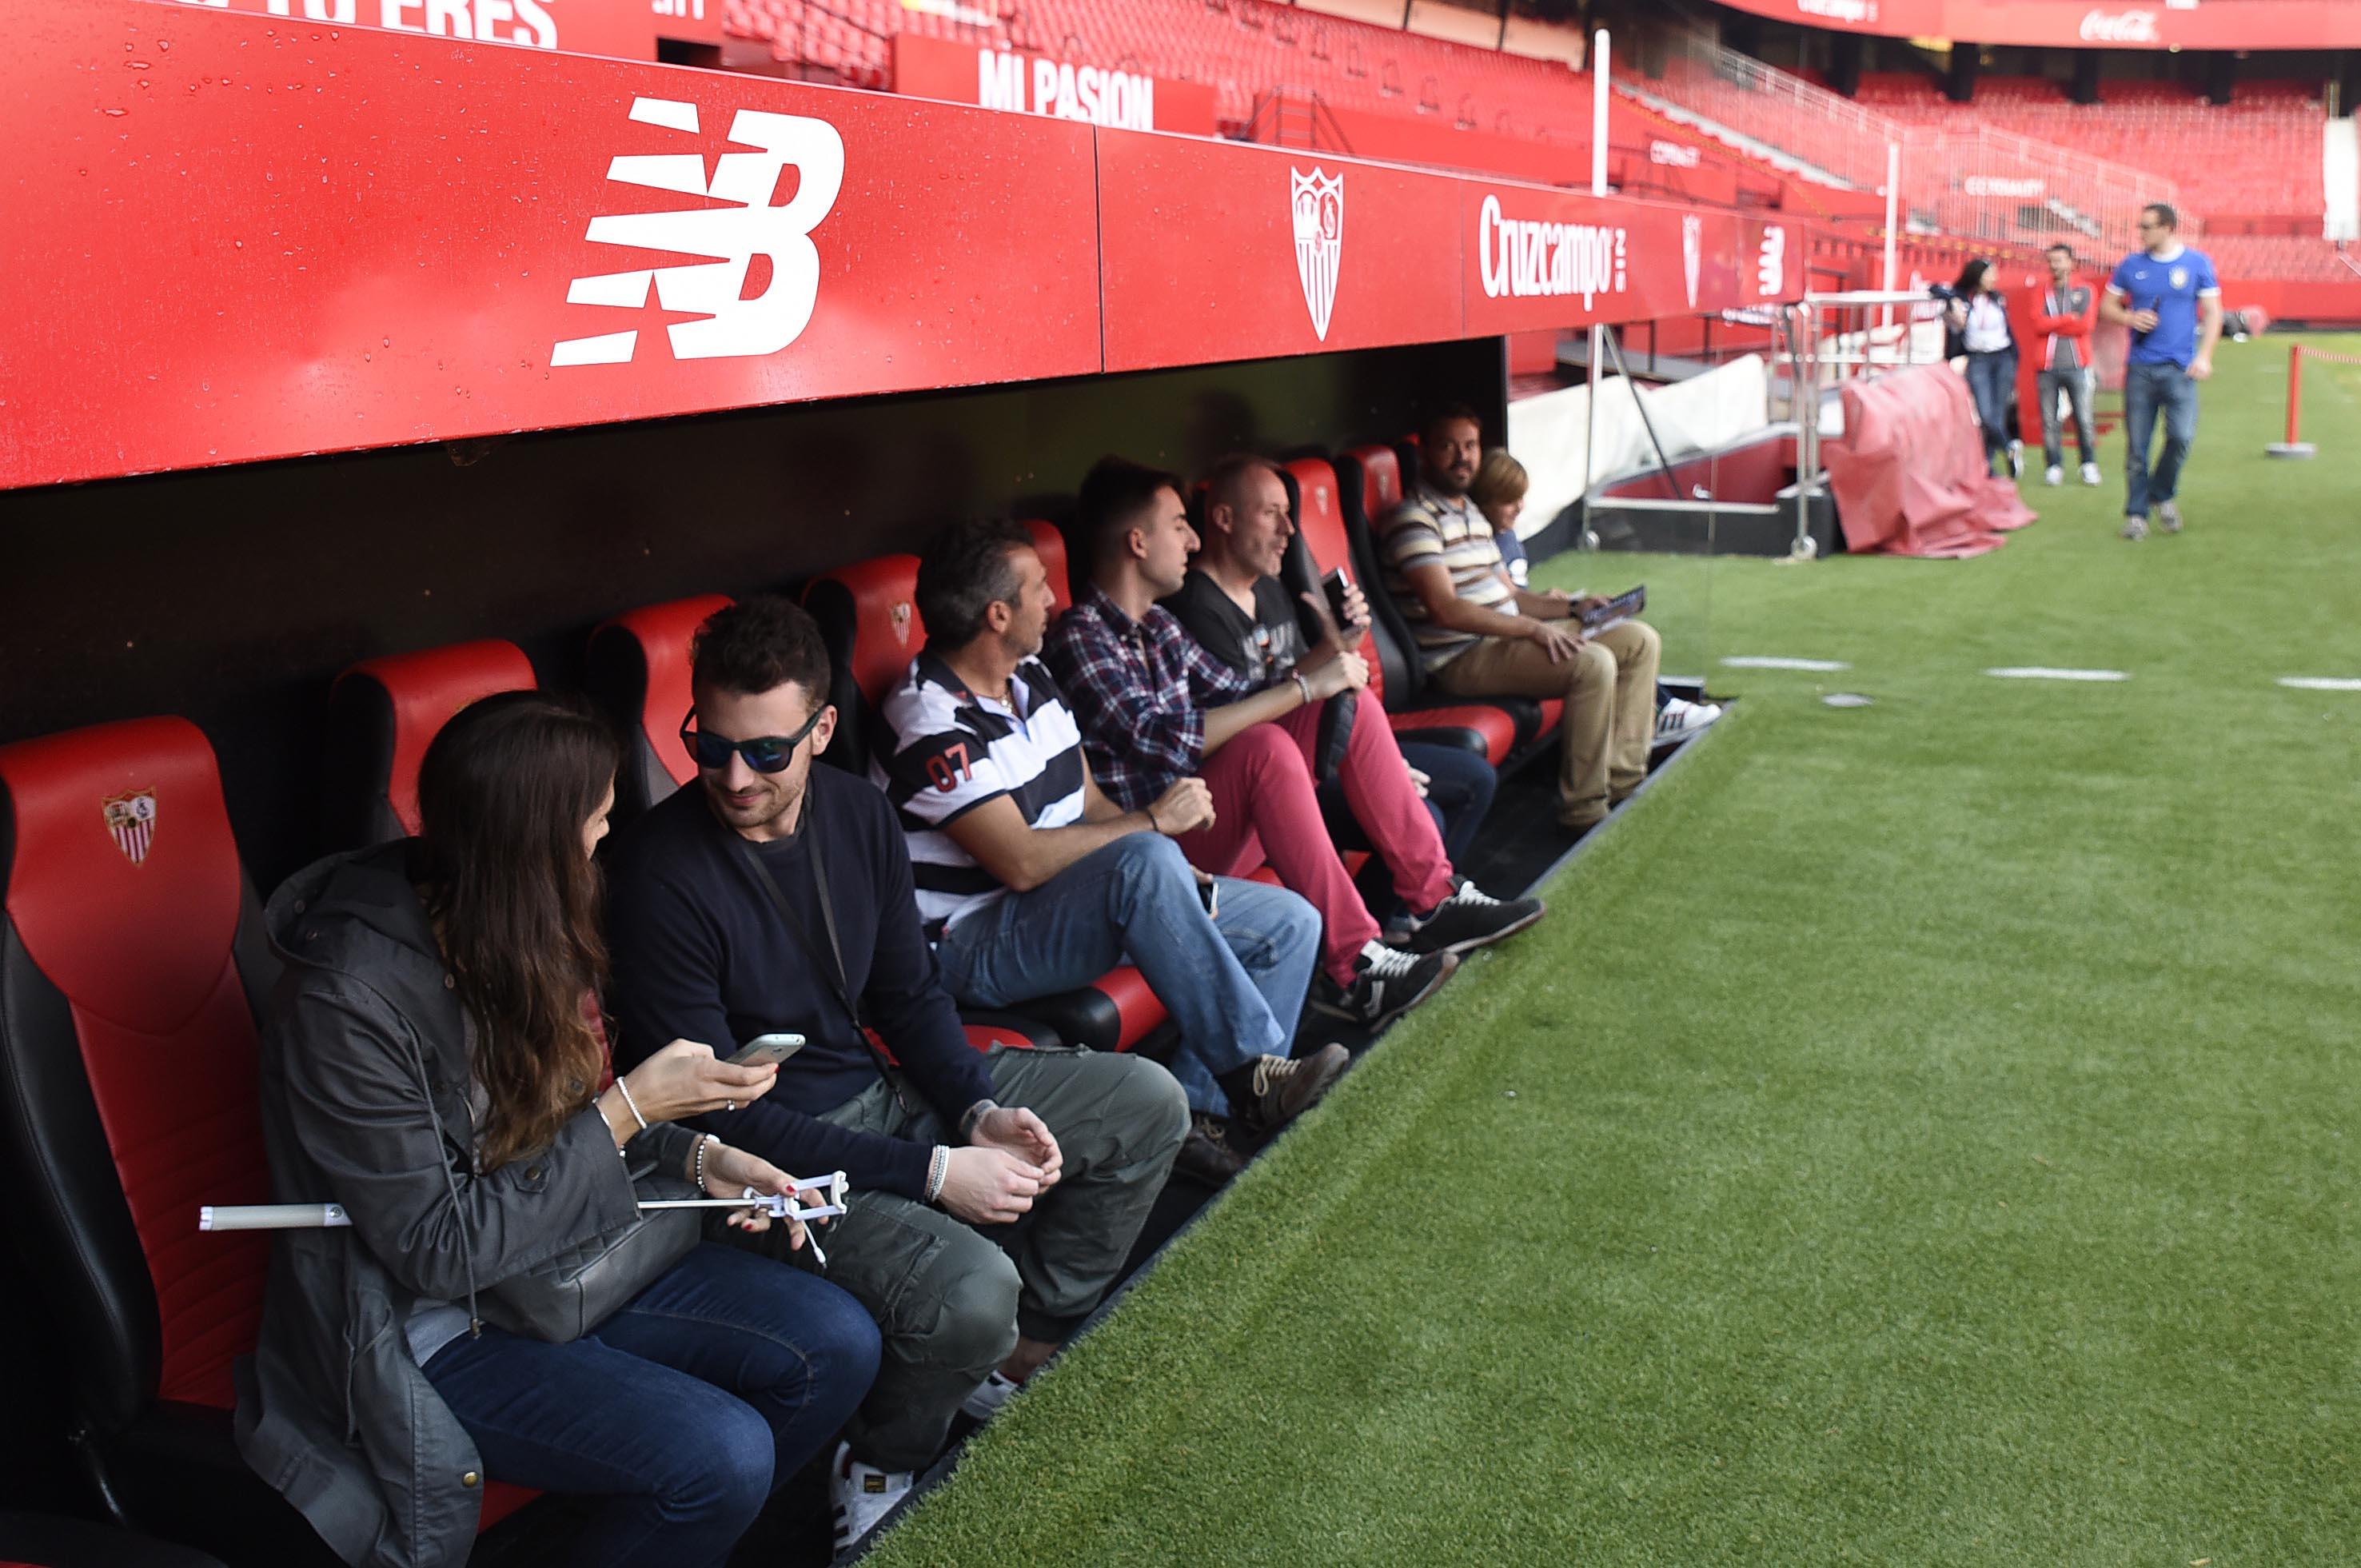 Banquillo del Sevilla FC, un espacio del tour por el estadio